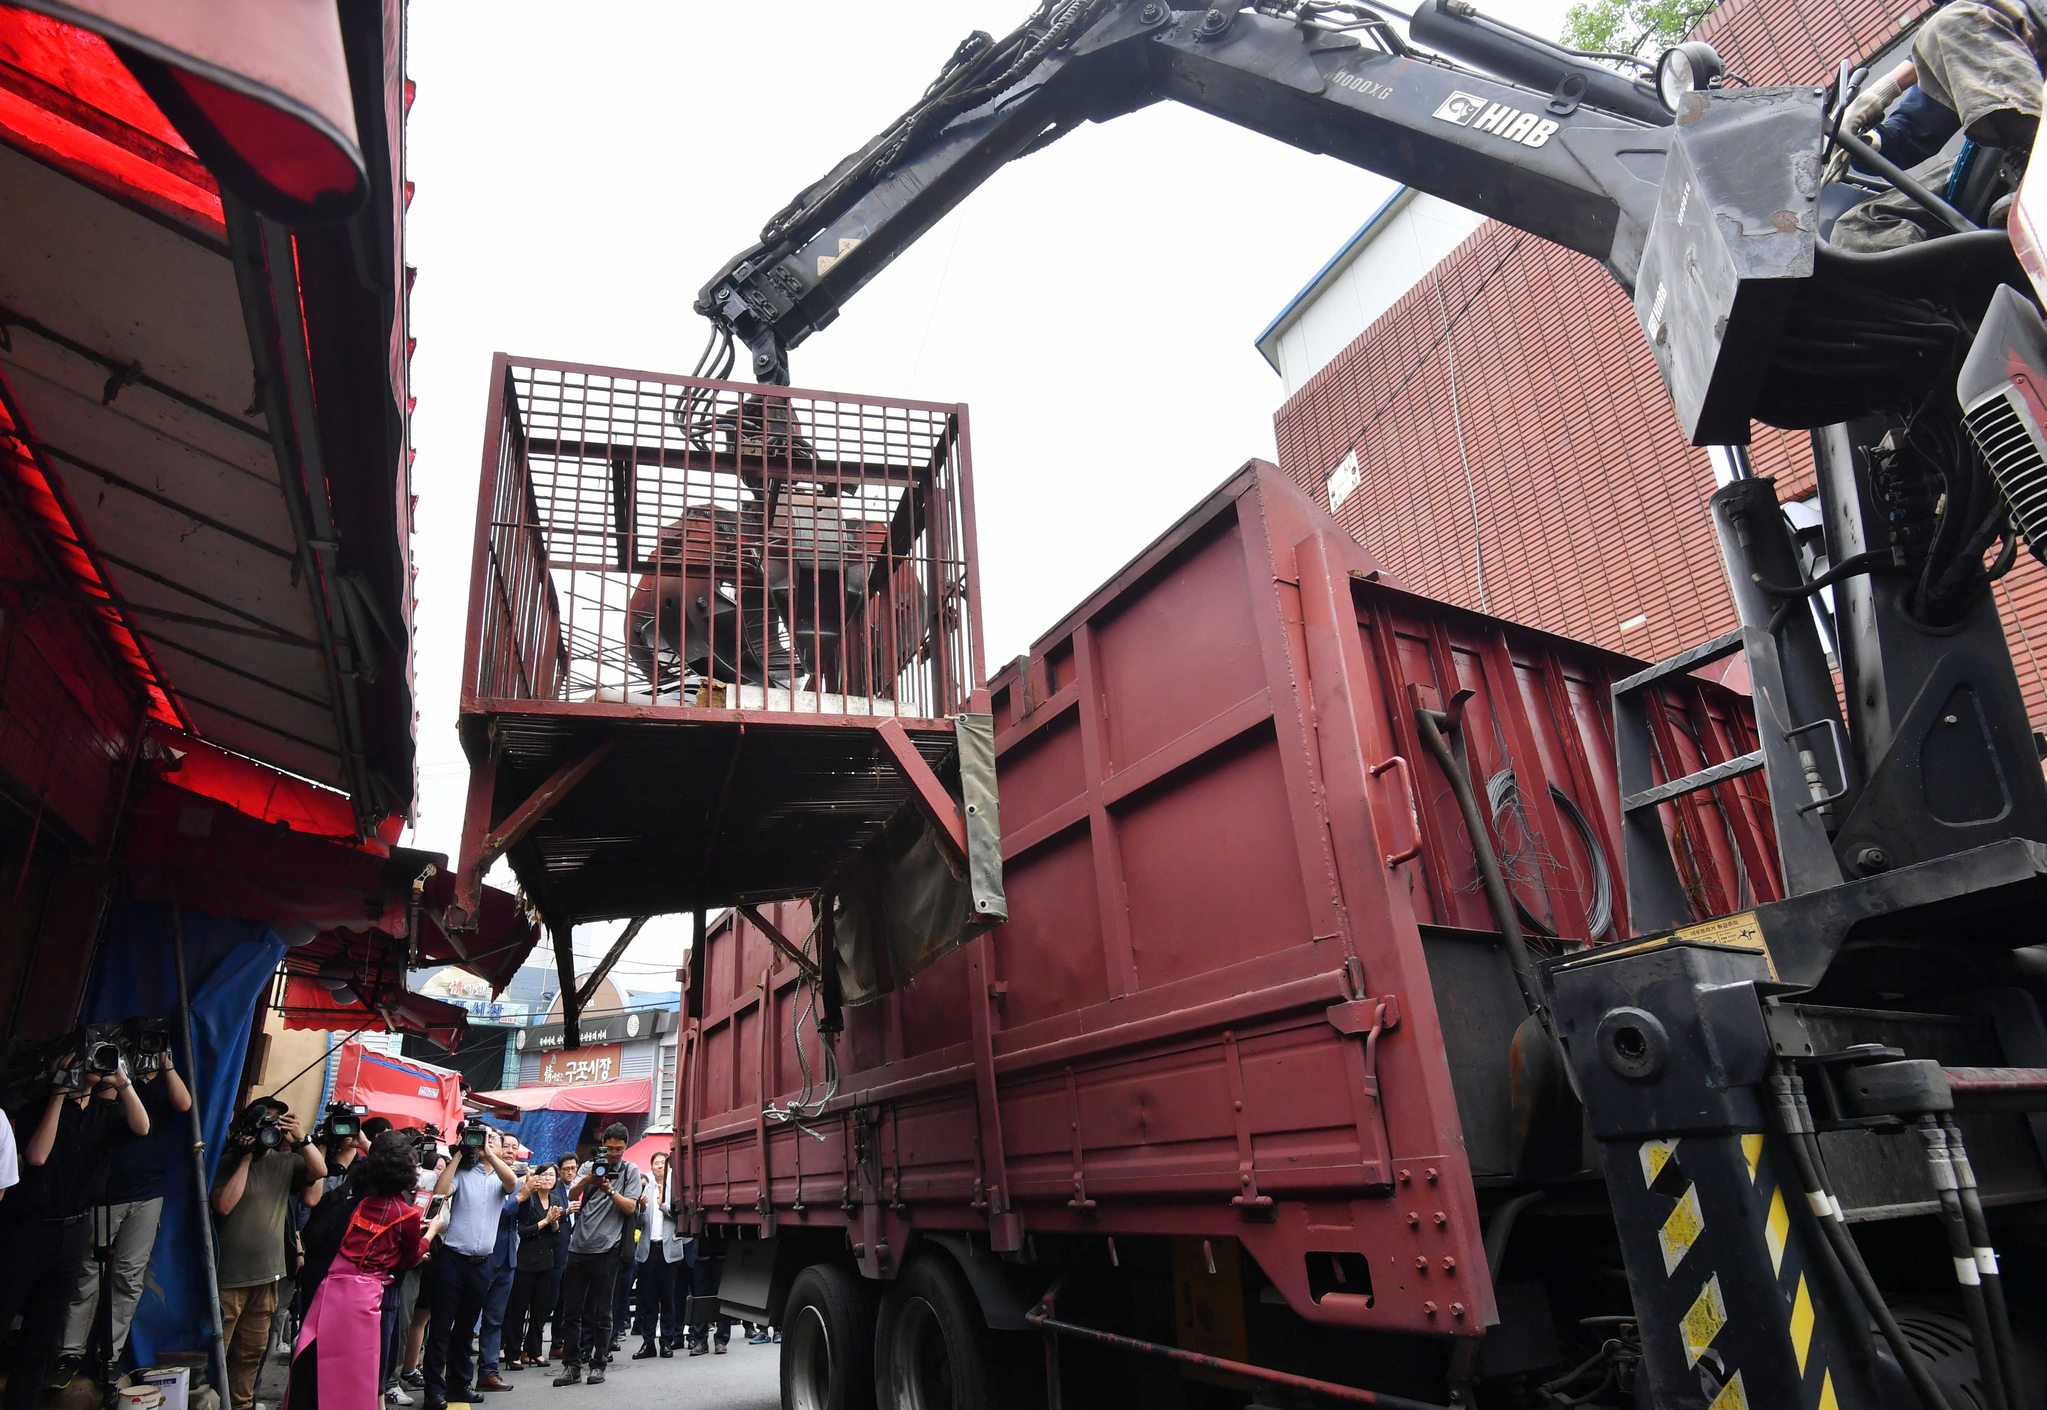 1일 오후 부산 북구 구포가축시장에서 동물들을 가뒀던 철제 우리가 철거되고 있다. [뉴시스]